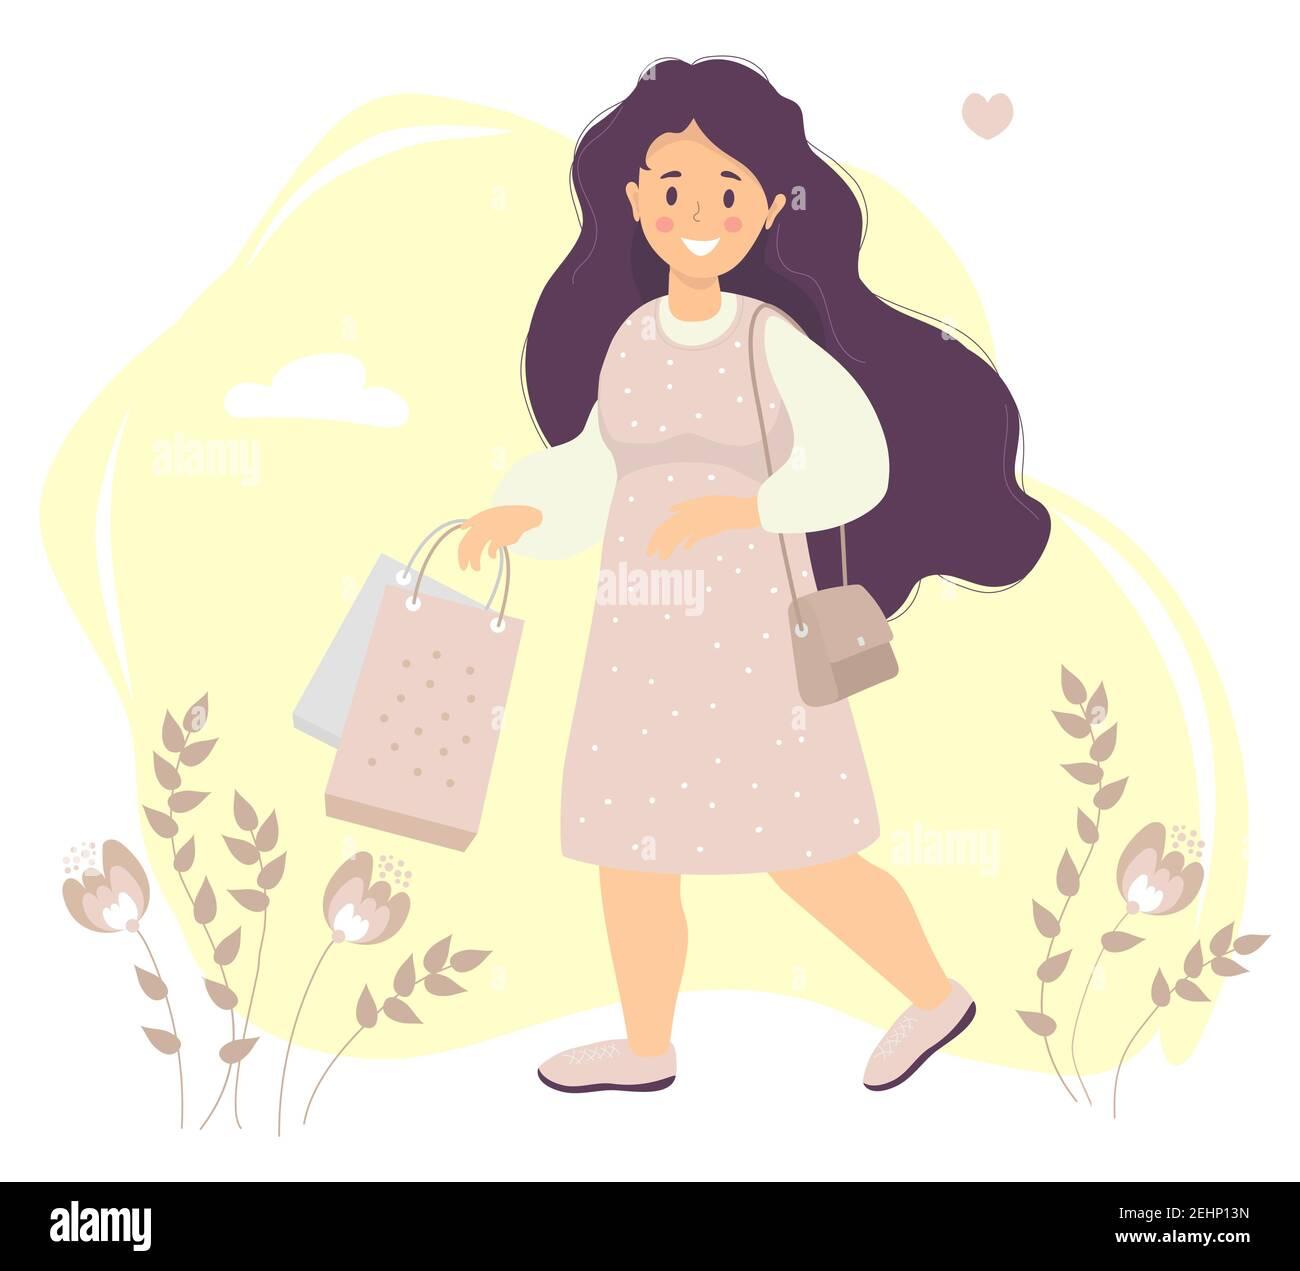 Shopping. Une fille heureuse avec de longs cheveux dans une robe rose sourit dans sa main tient des sacs en papier. Arrière-plan décoratif avec fleurs et feuilles, nuages et Illustration de Vecteur